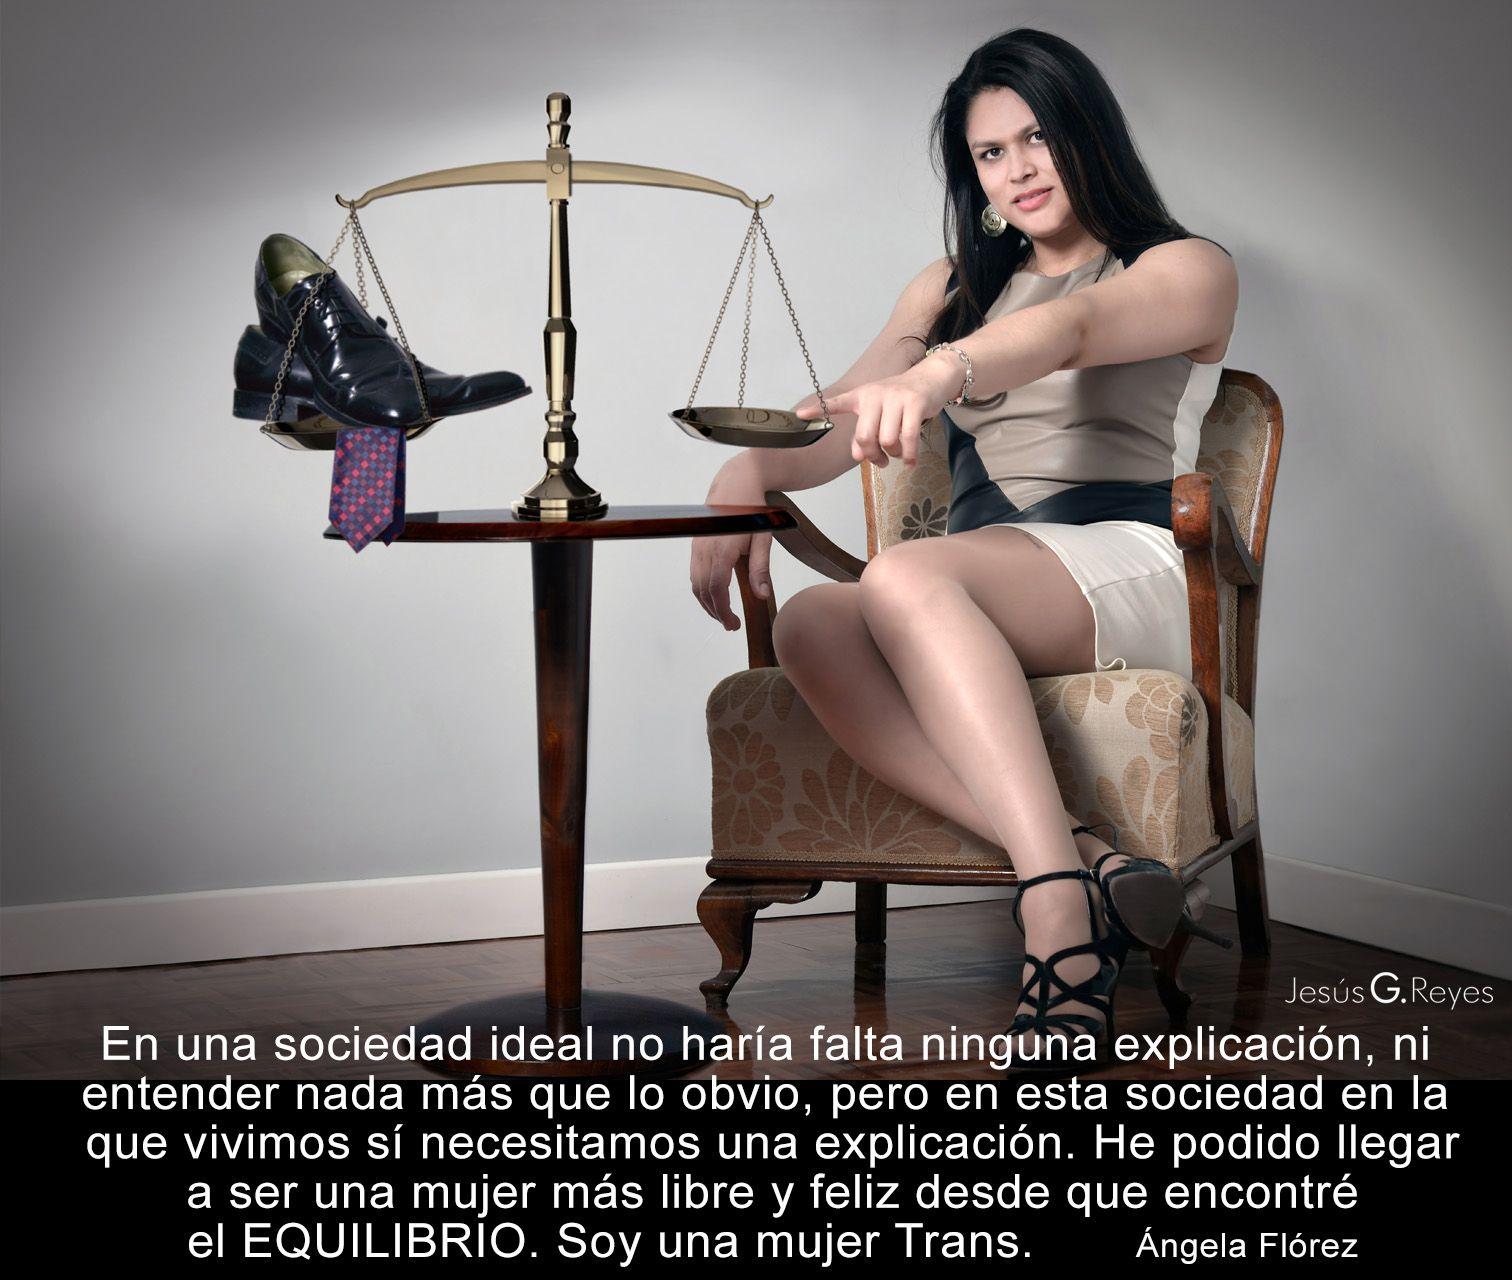 Ángela Flórez. Mujer Trans